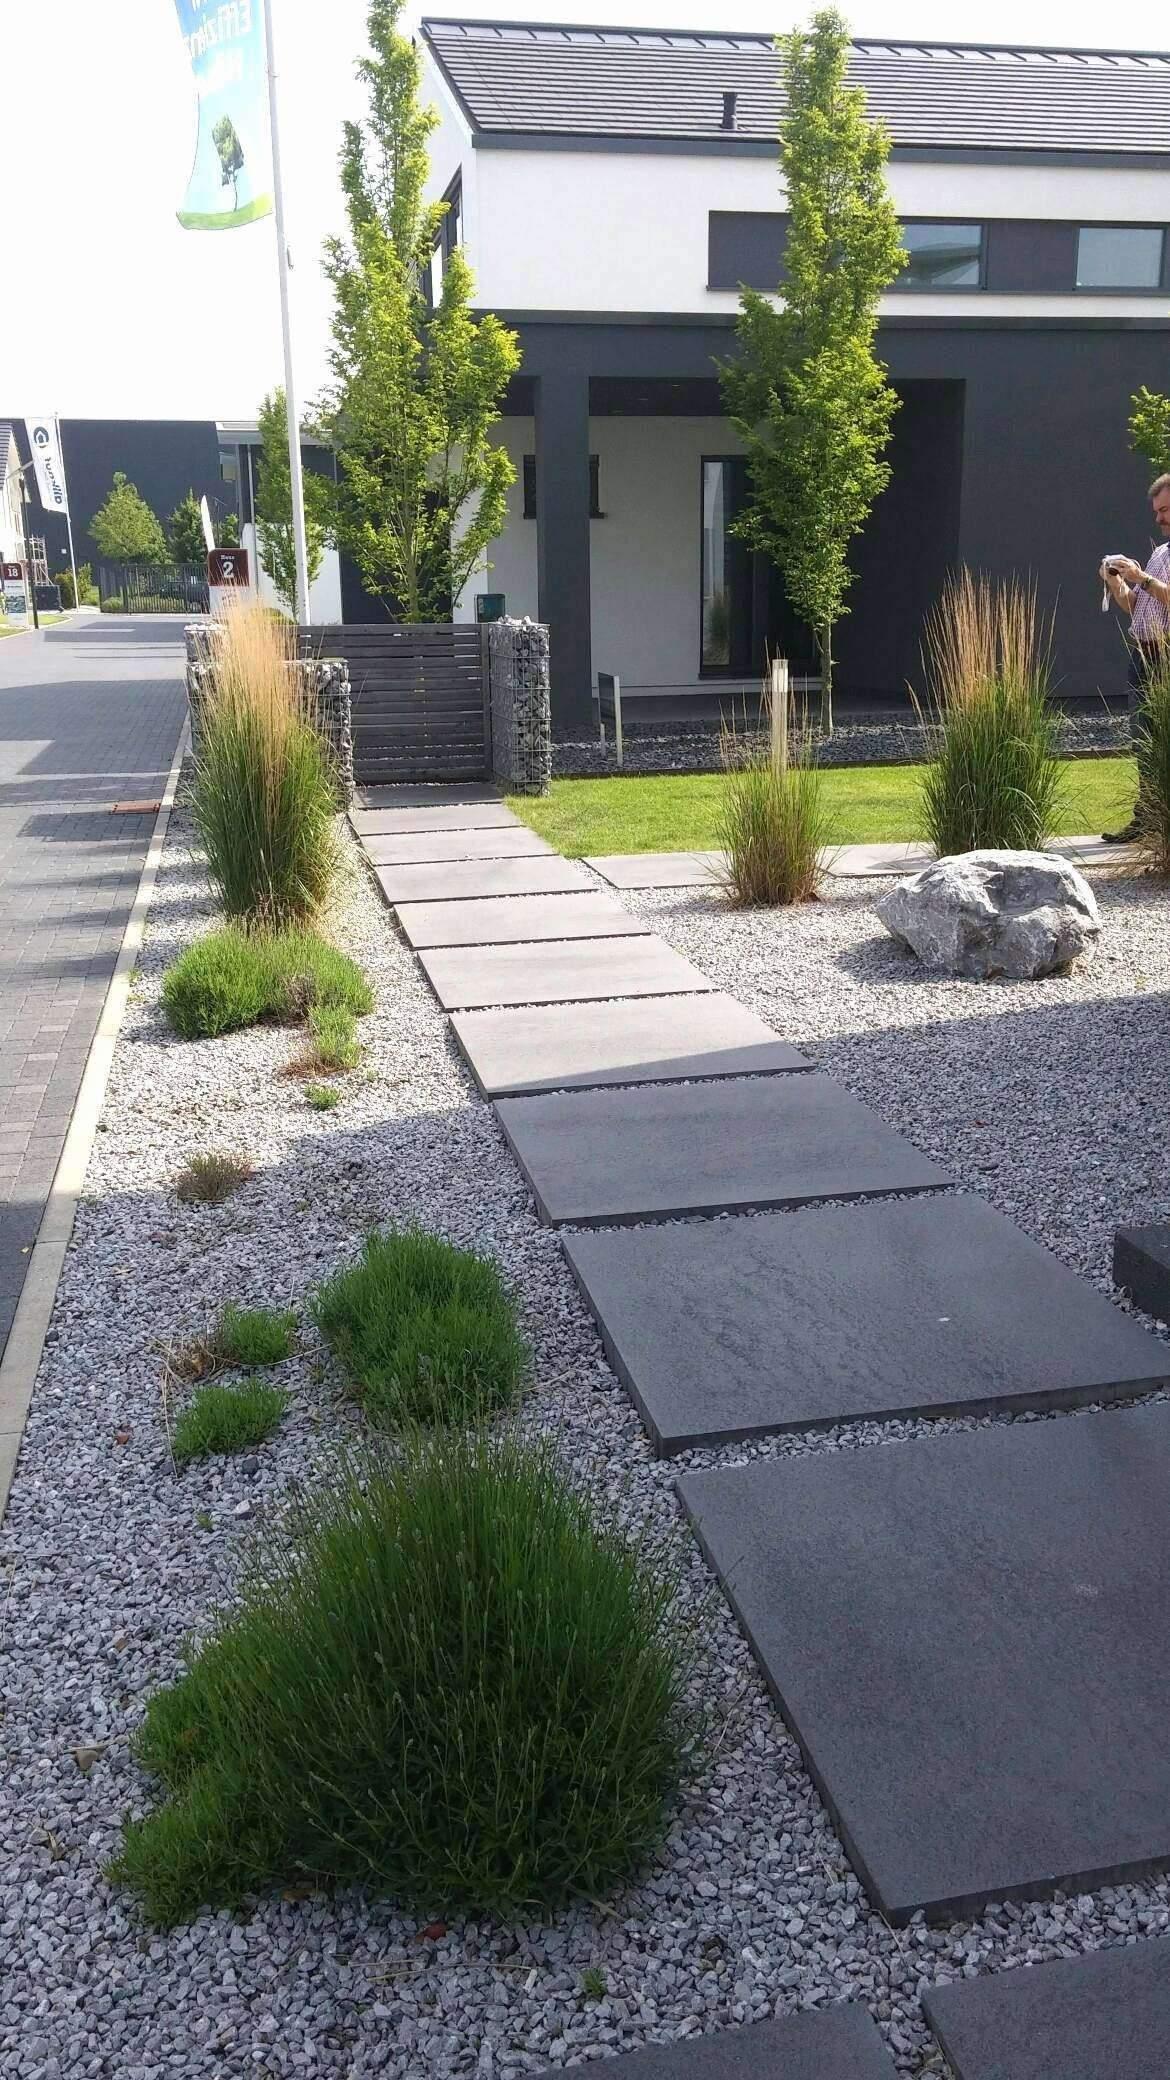 Garten Gestalten Mit Steinen Schön 38 Neu Wege Im Garten Anlegen Das Beste Von